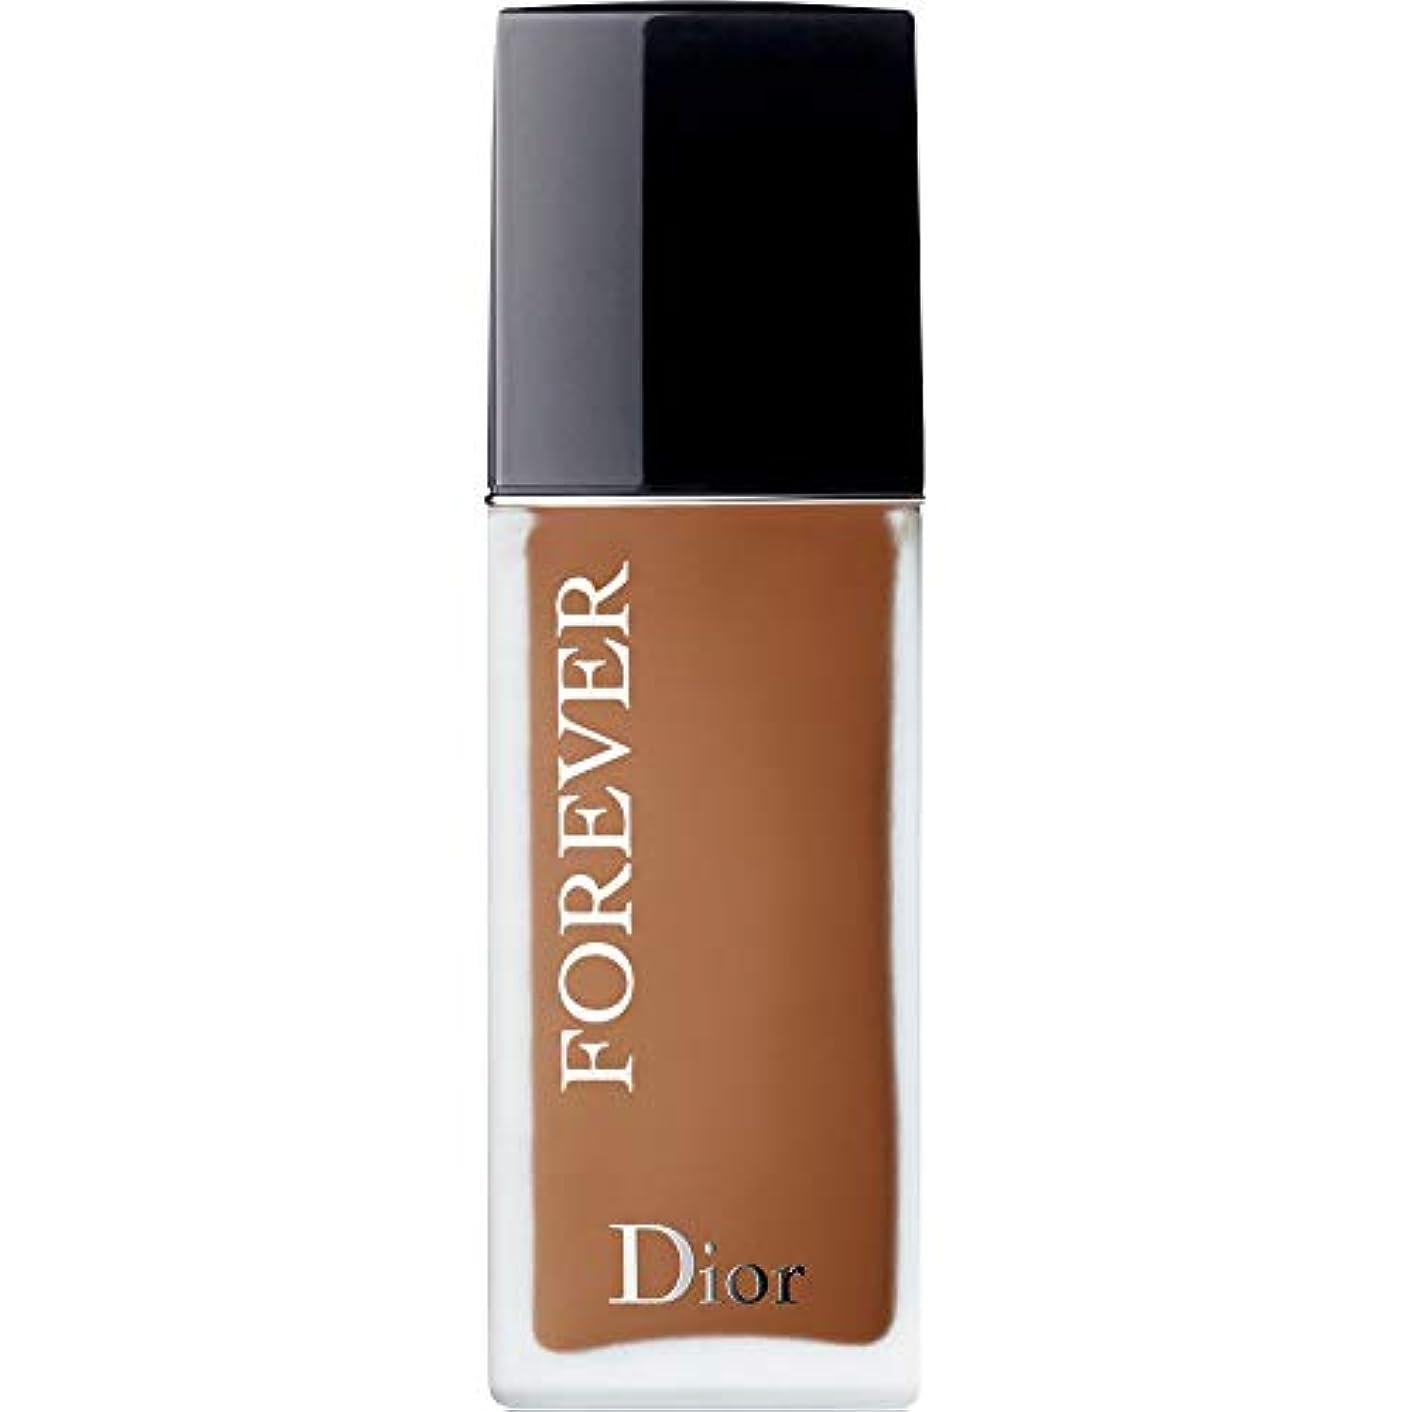 恐ろしい効能午後[Dior ] ディオール永遠皮膚思いやりの基盤Spf35 30ミリリットルの6N - ニュートラル(つや消し) - DIOR Forever Skin-Caring Foundation SPF35 30ml 6N -...